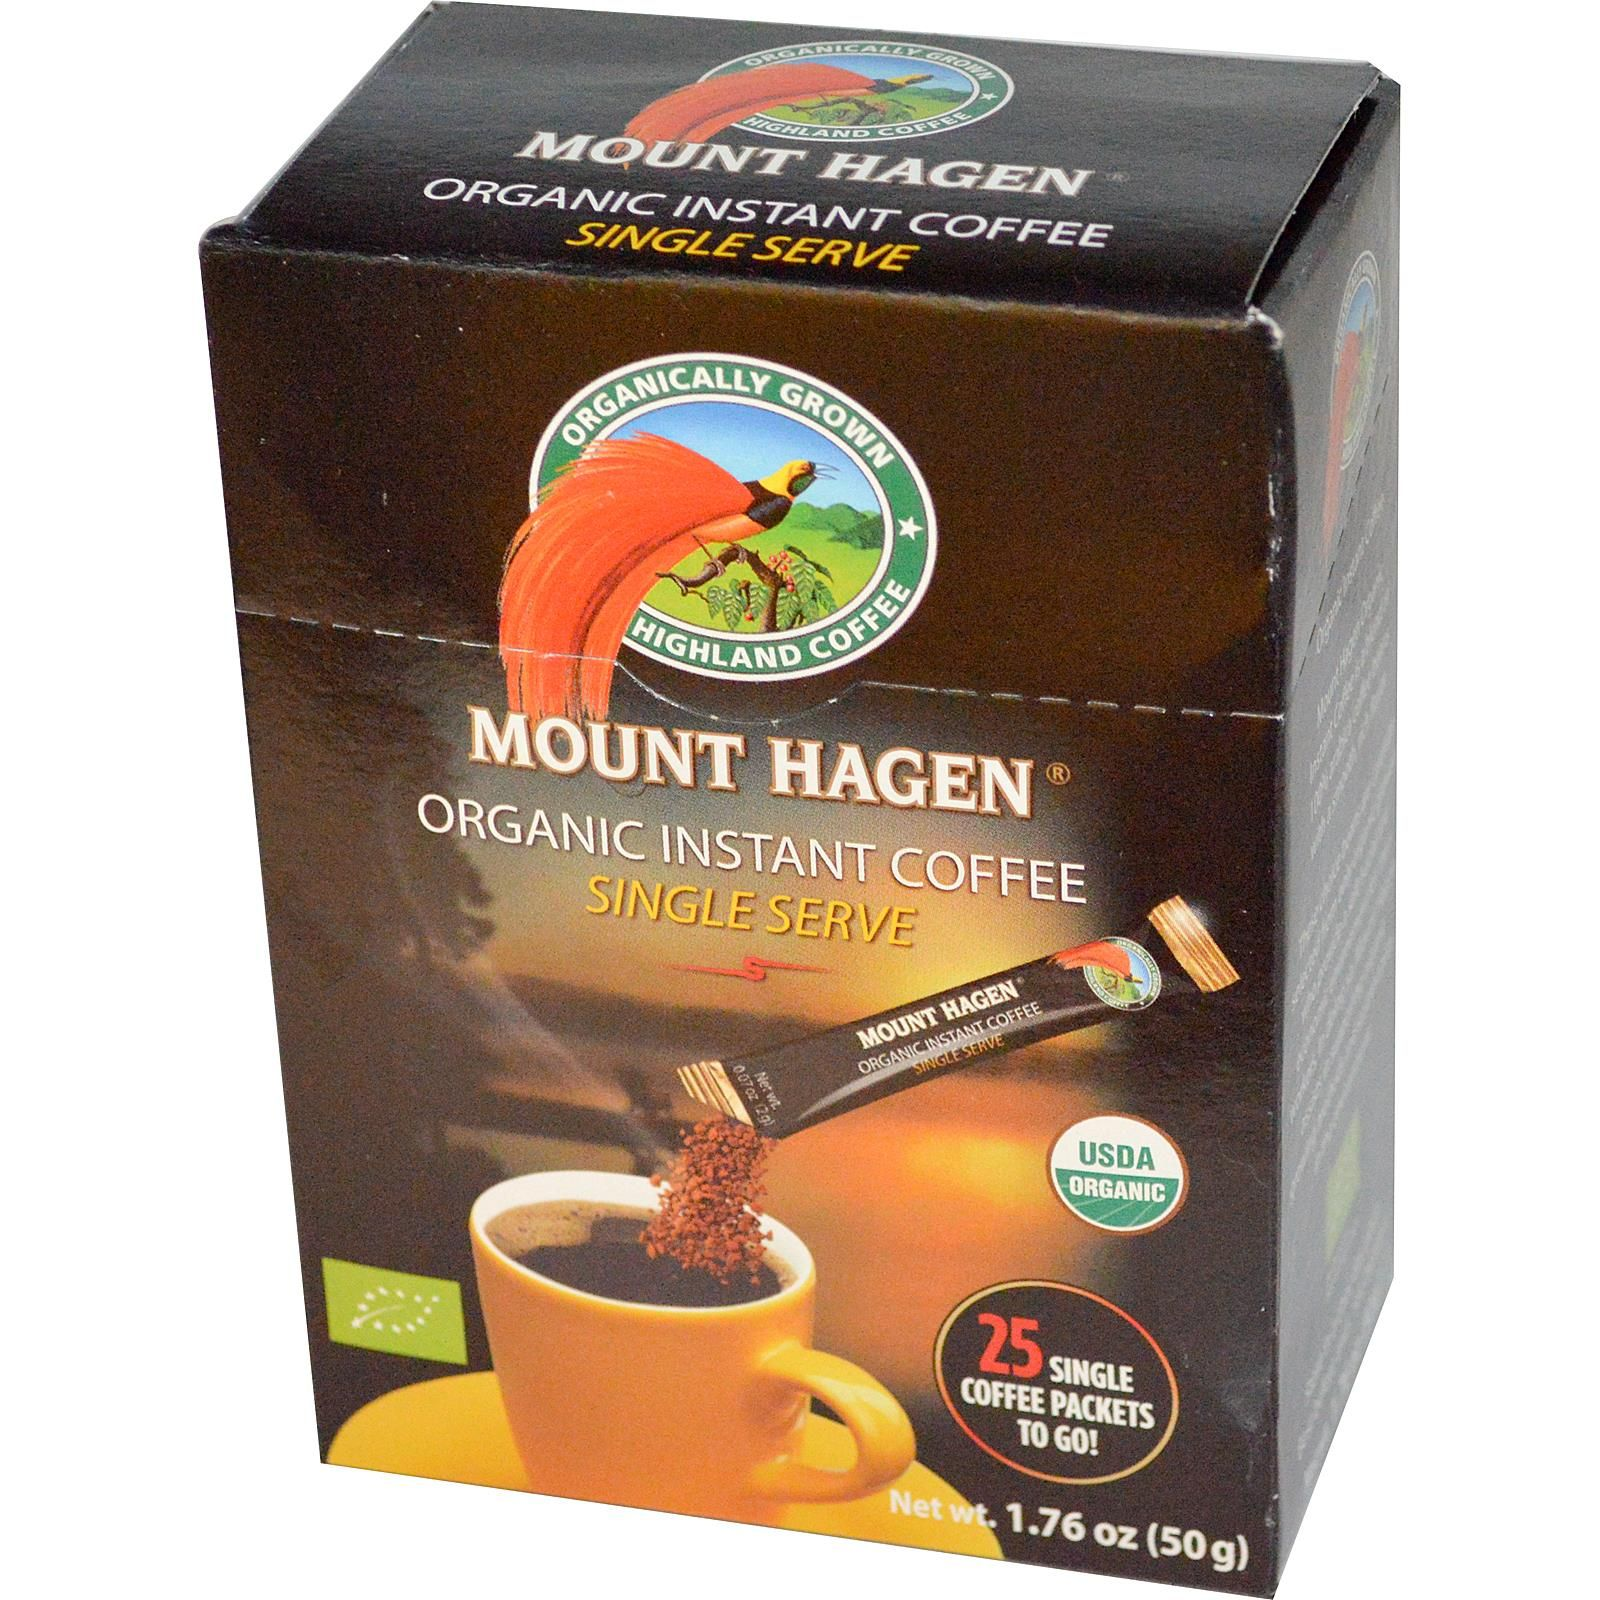 Mount Hagen, 유기농 인스턴트 커피, 25 팩, 1.76 oz (50 g)